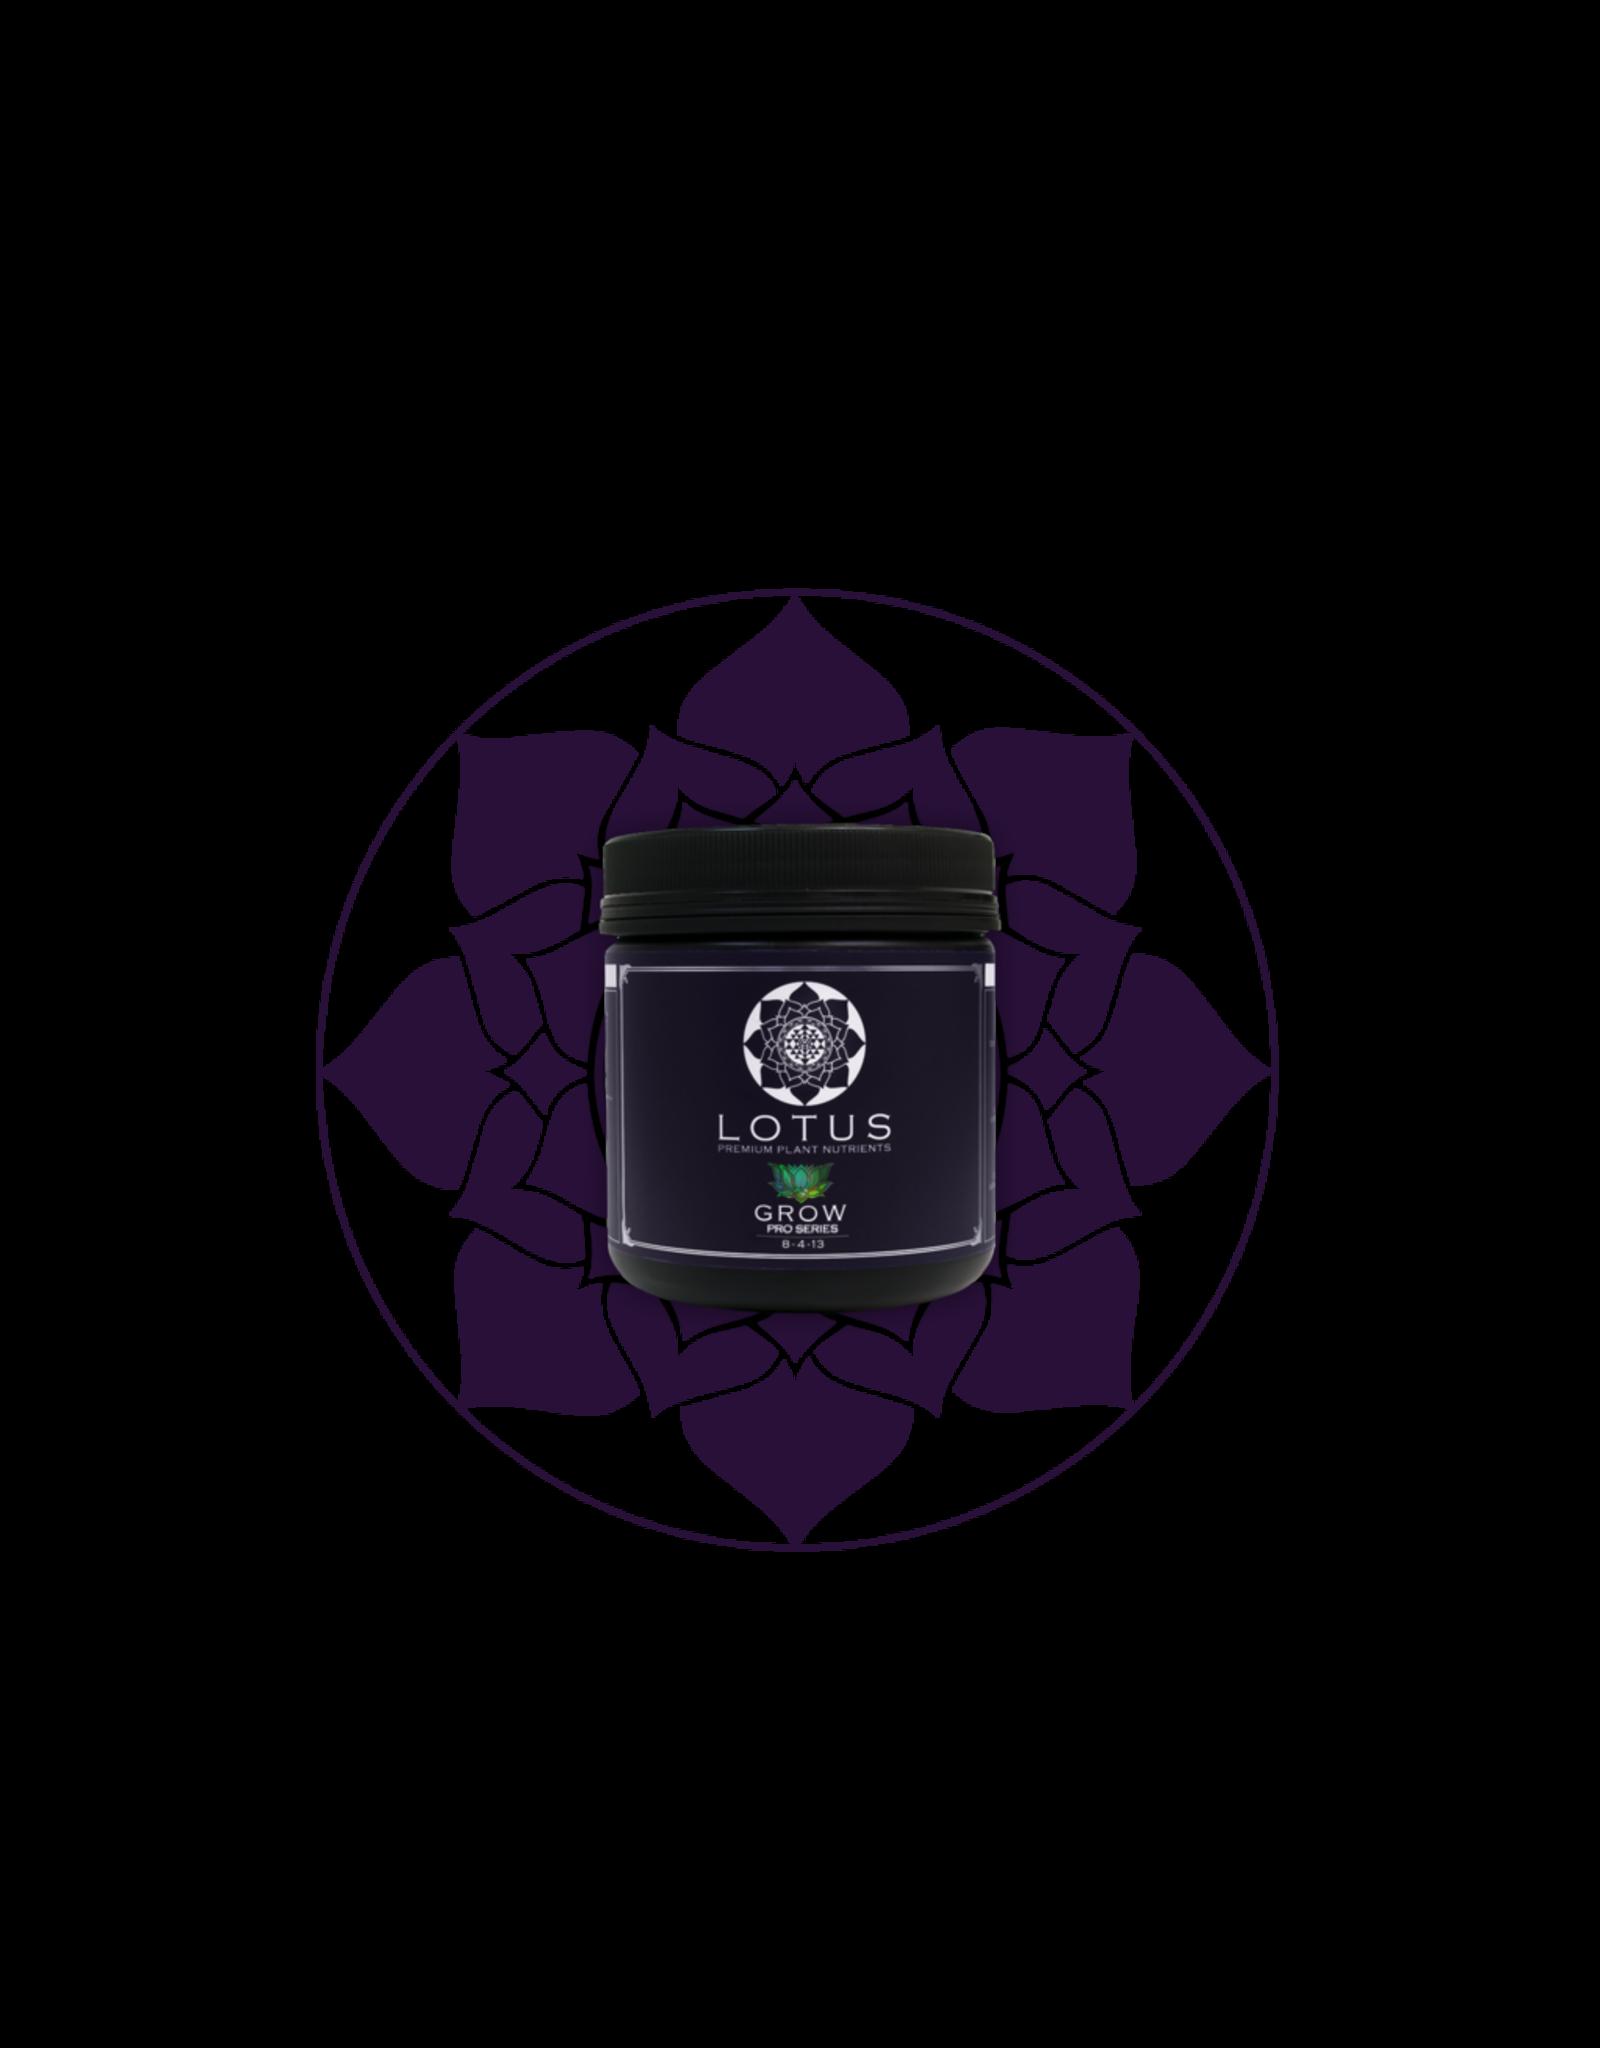 LOTUS Lotus Pro Series Grow - 16 oz